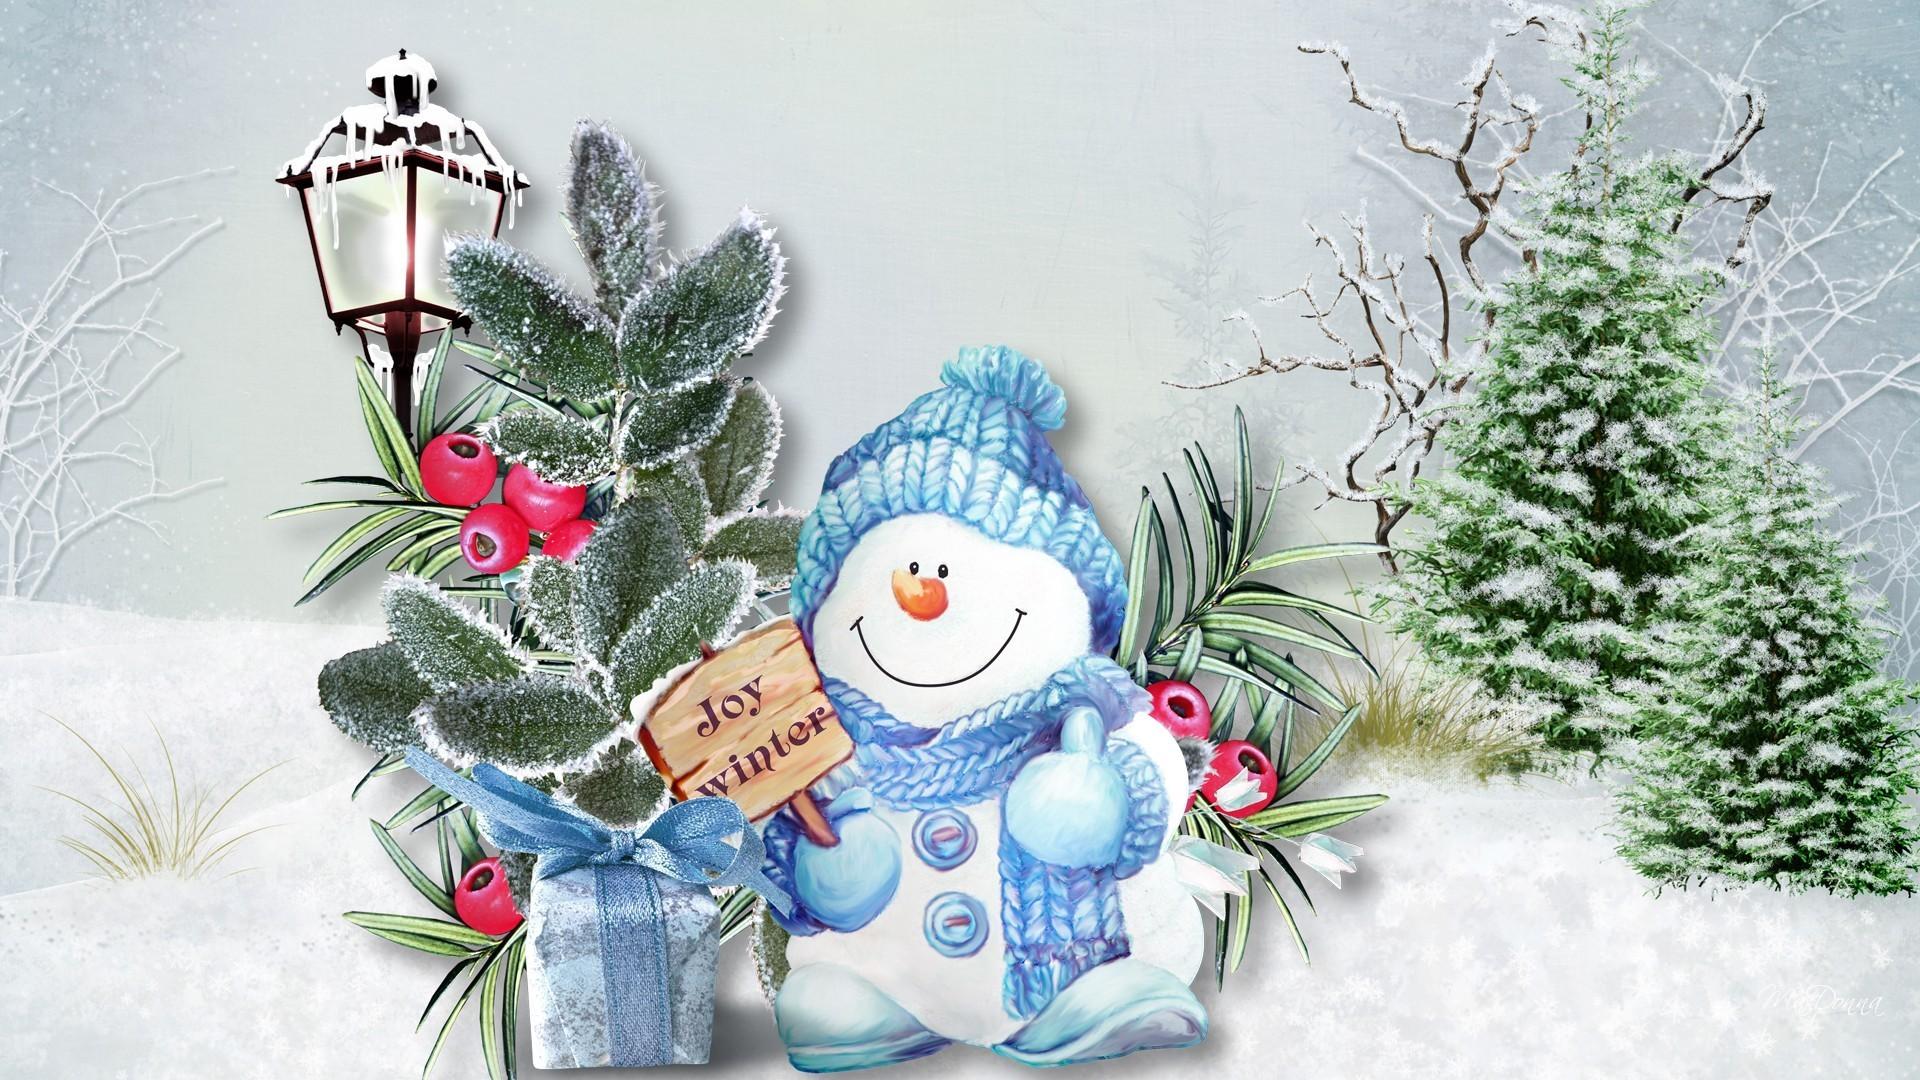 Snowman Desktop Backgrounds 55 images 1920x1080